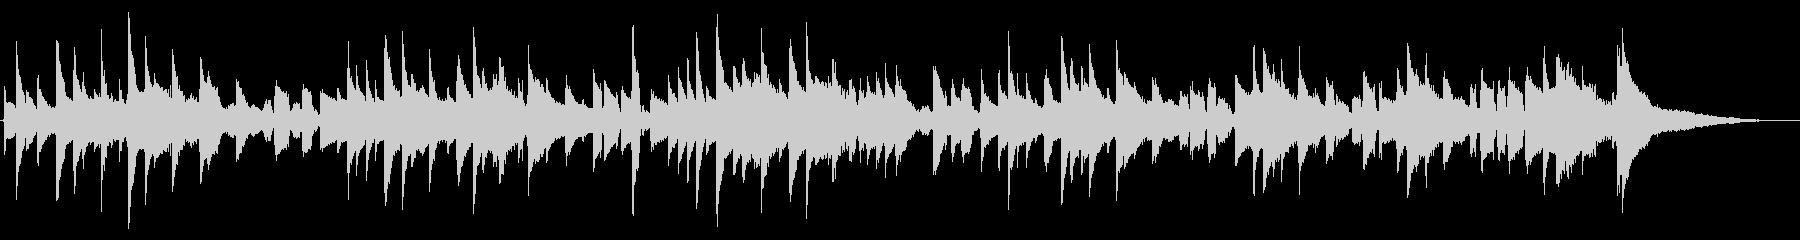 ほのぼの、場面展開などに最適な短い曲の未再生の波形